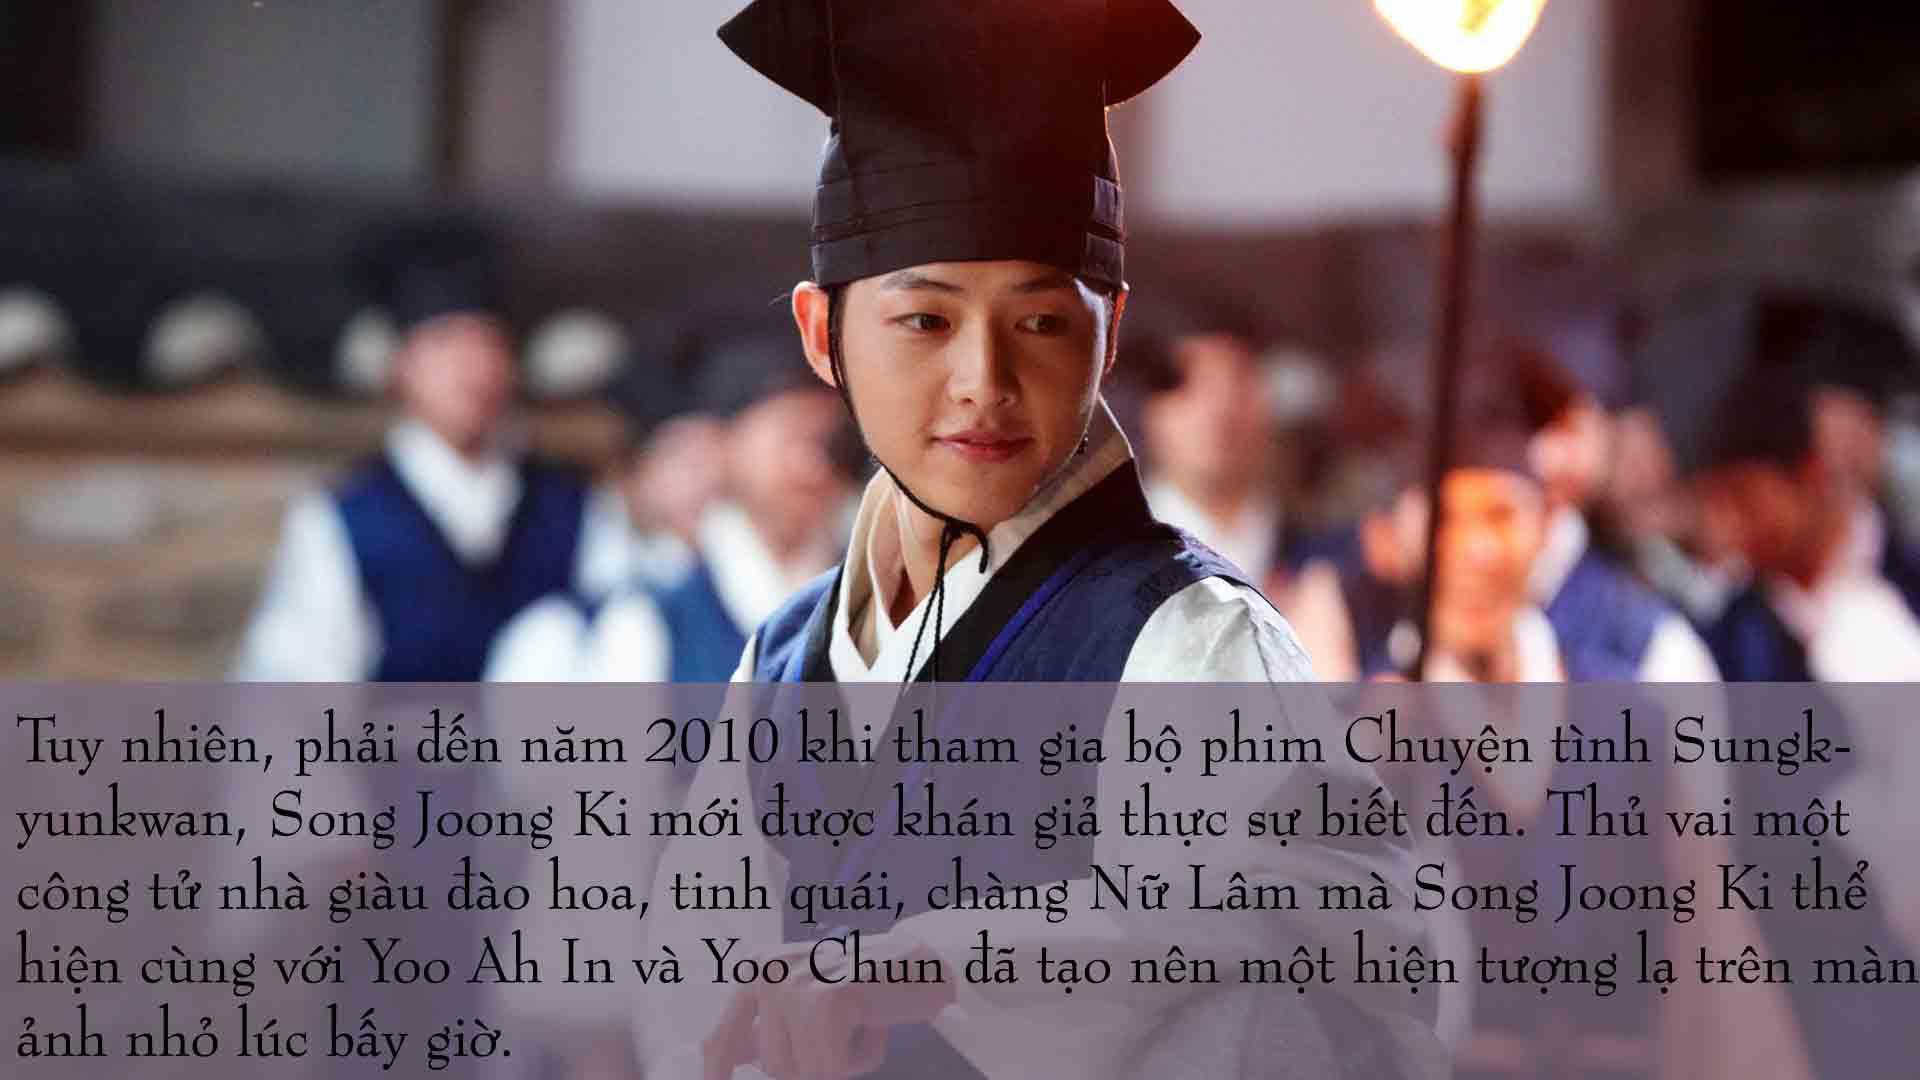 """con duong tro thanh """"soai ca quan nhan"""" cua song joong ki - 3"""